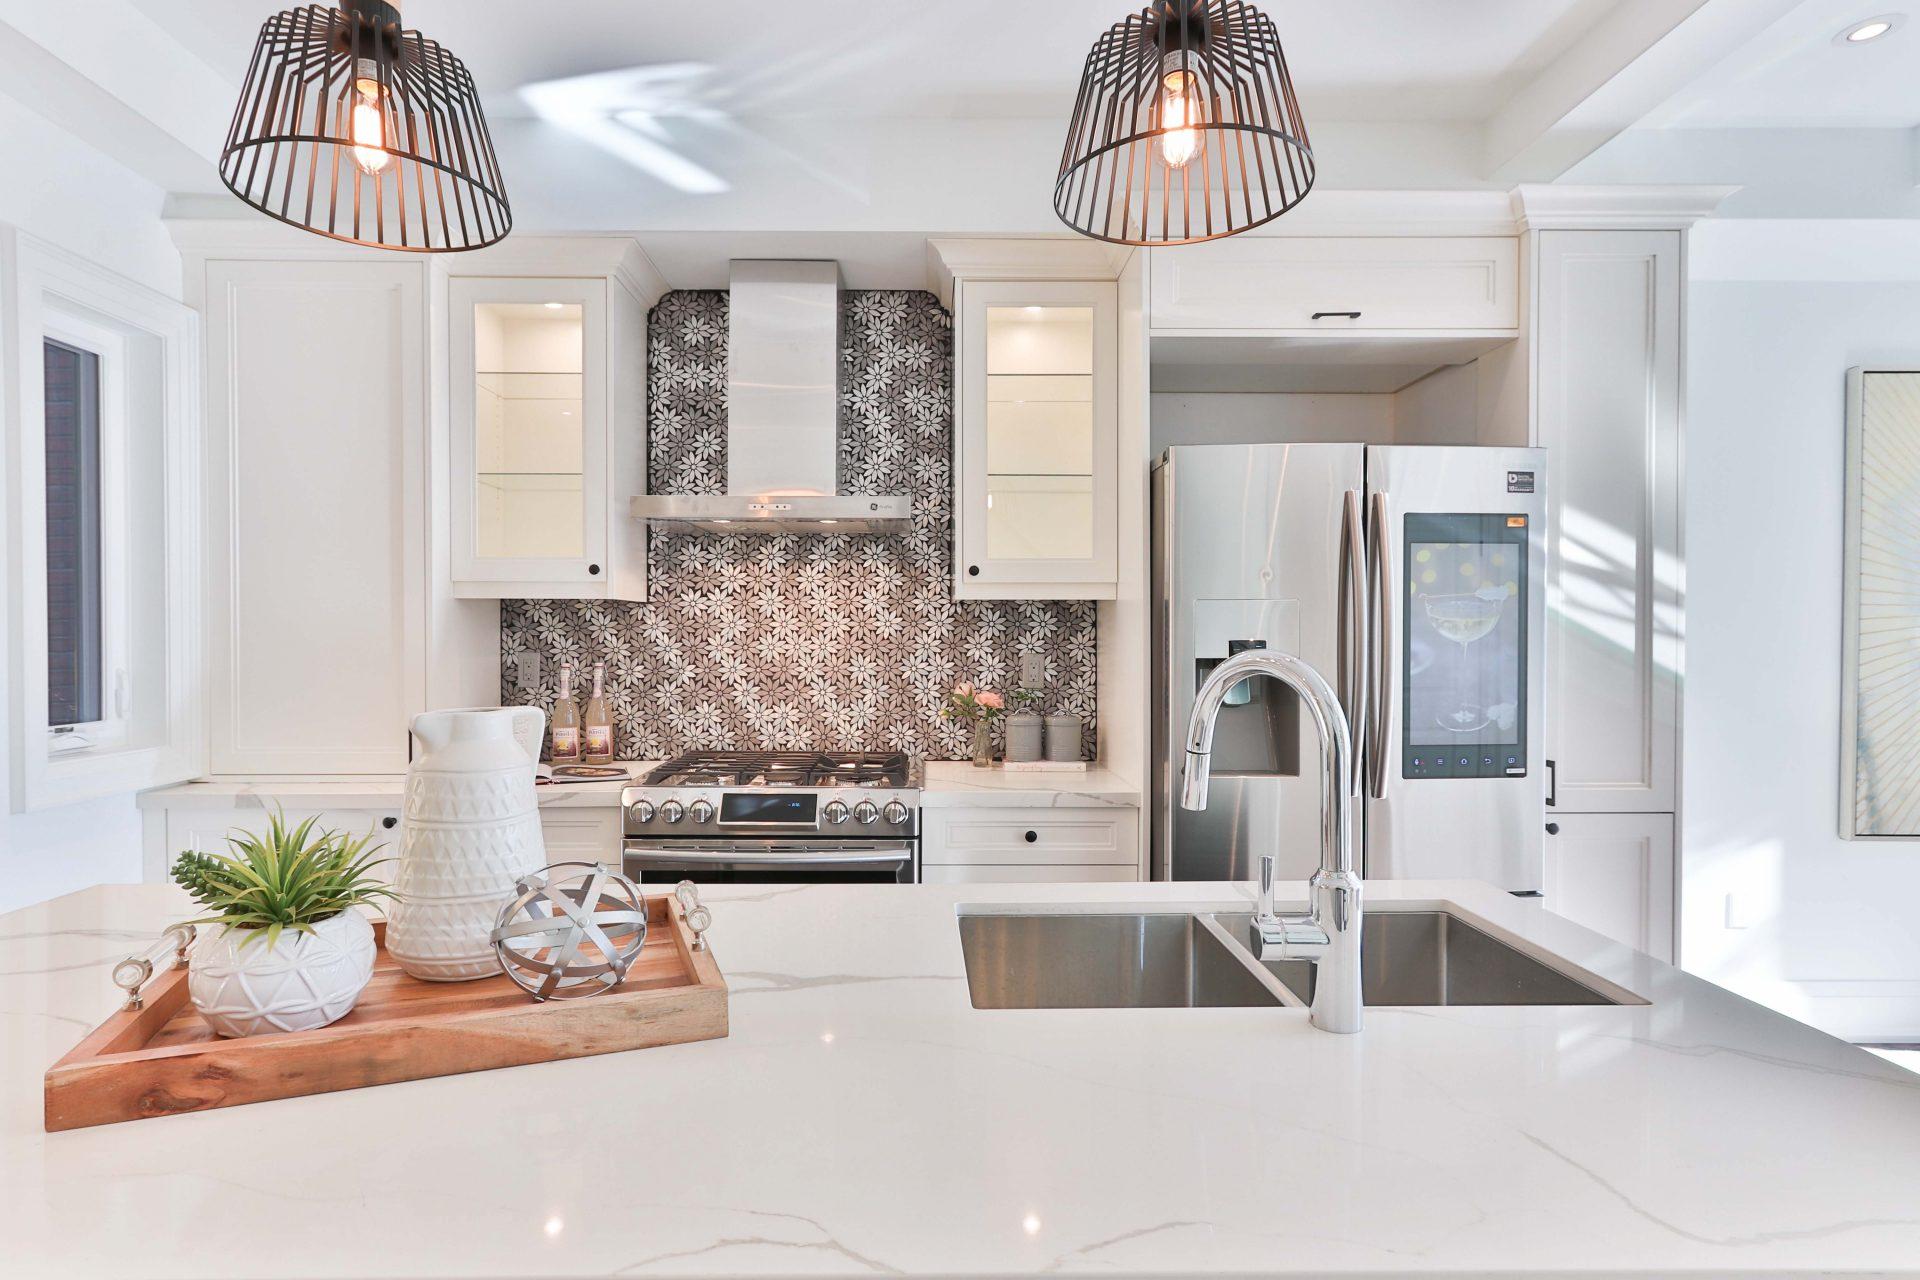 Shot of a clean, bright kitchen design